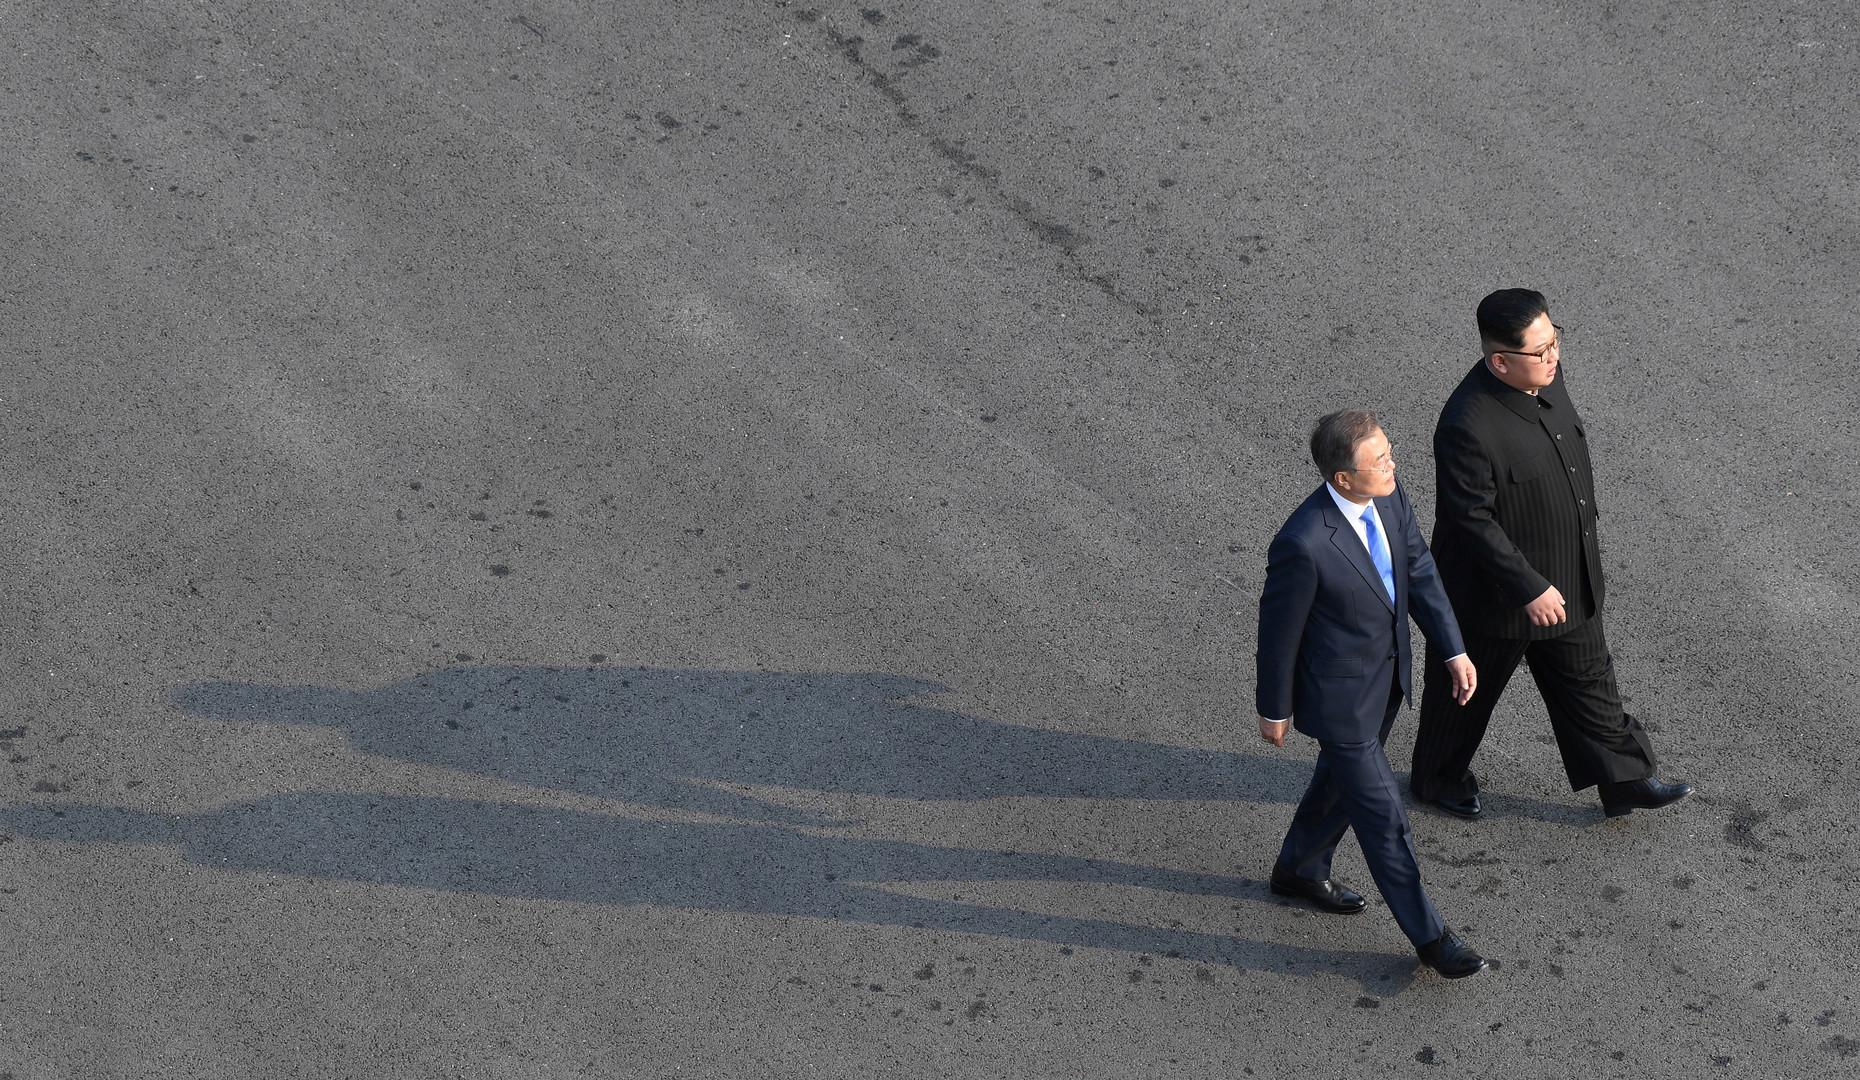 """Diplomatie à la USA: Washington verurteilt """"massive Menschenrechtsverletzungen in Nordkorea"""""""